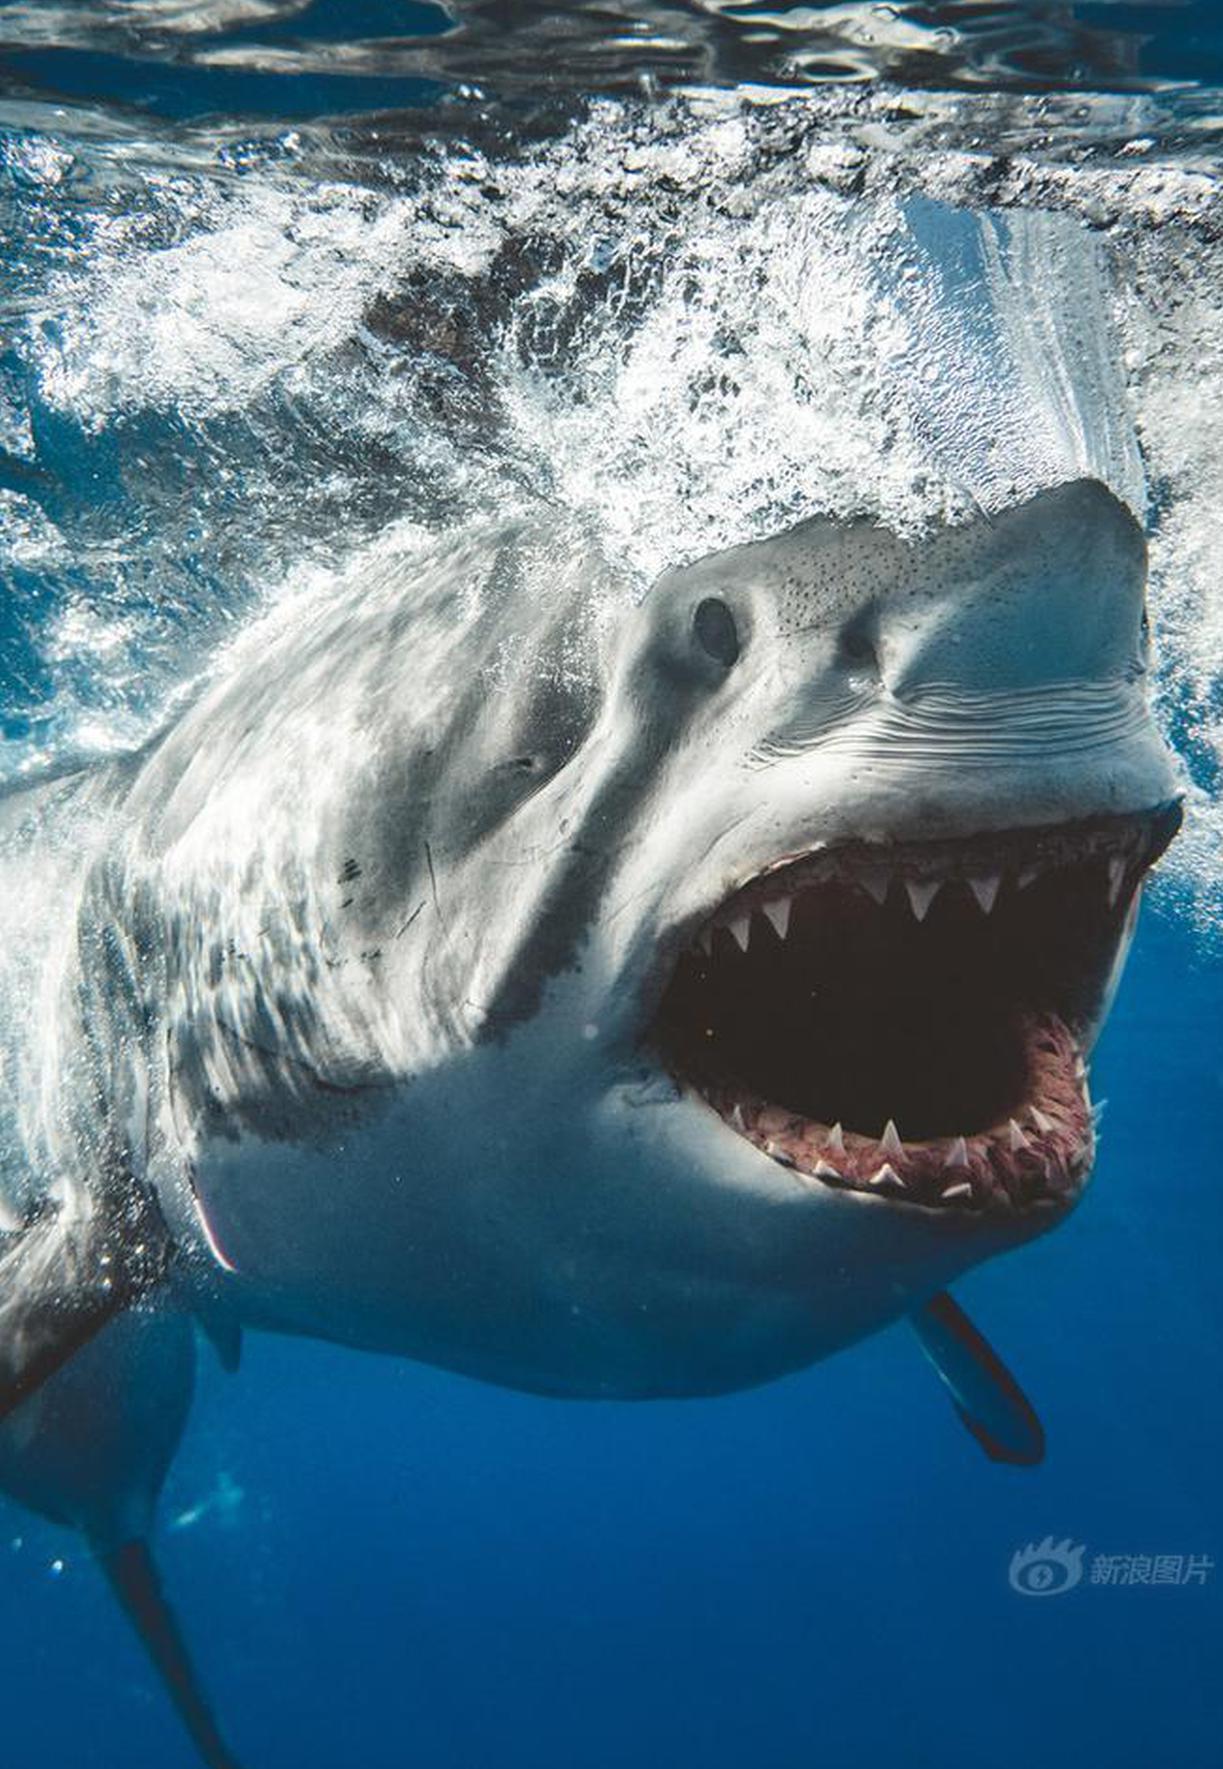 摄影师近距离拍摄凶猛鲨鱼